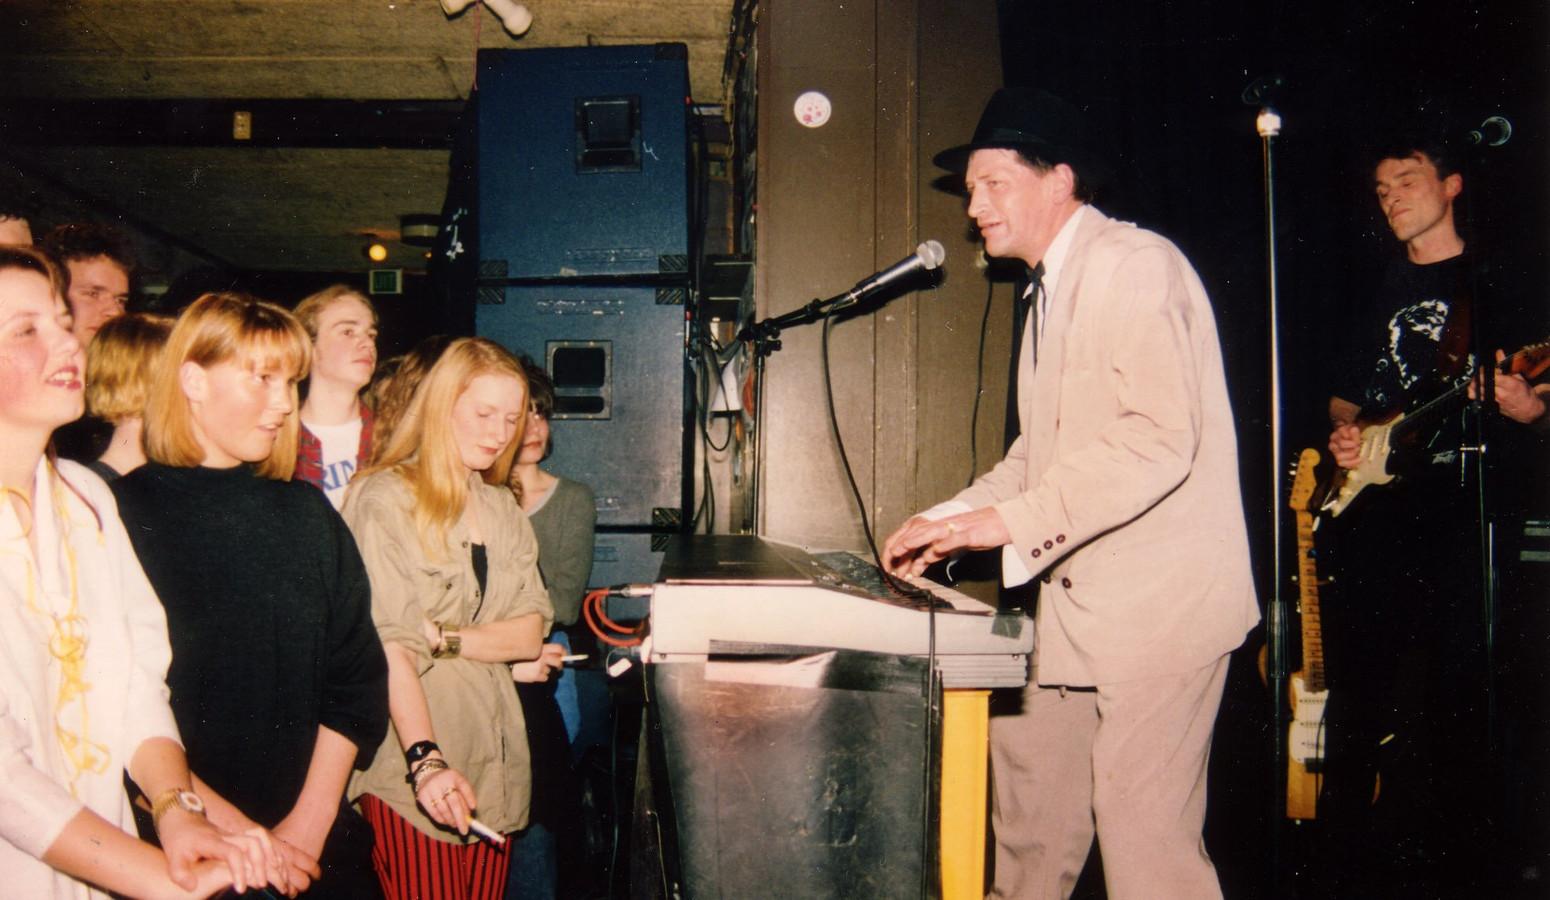 Een optreden van Herman Brood in de jaren '90 in de Salerno-Bar.